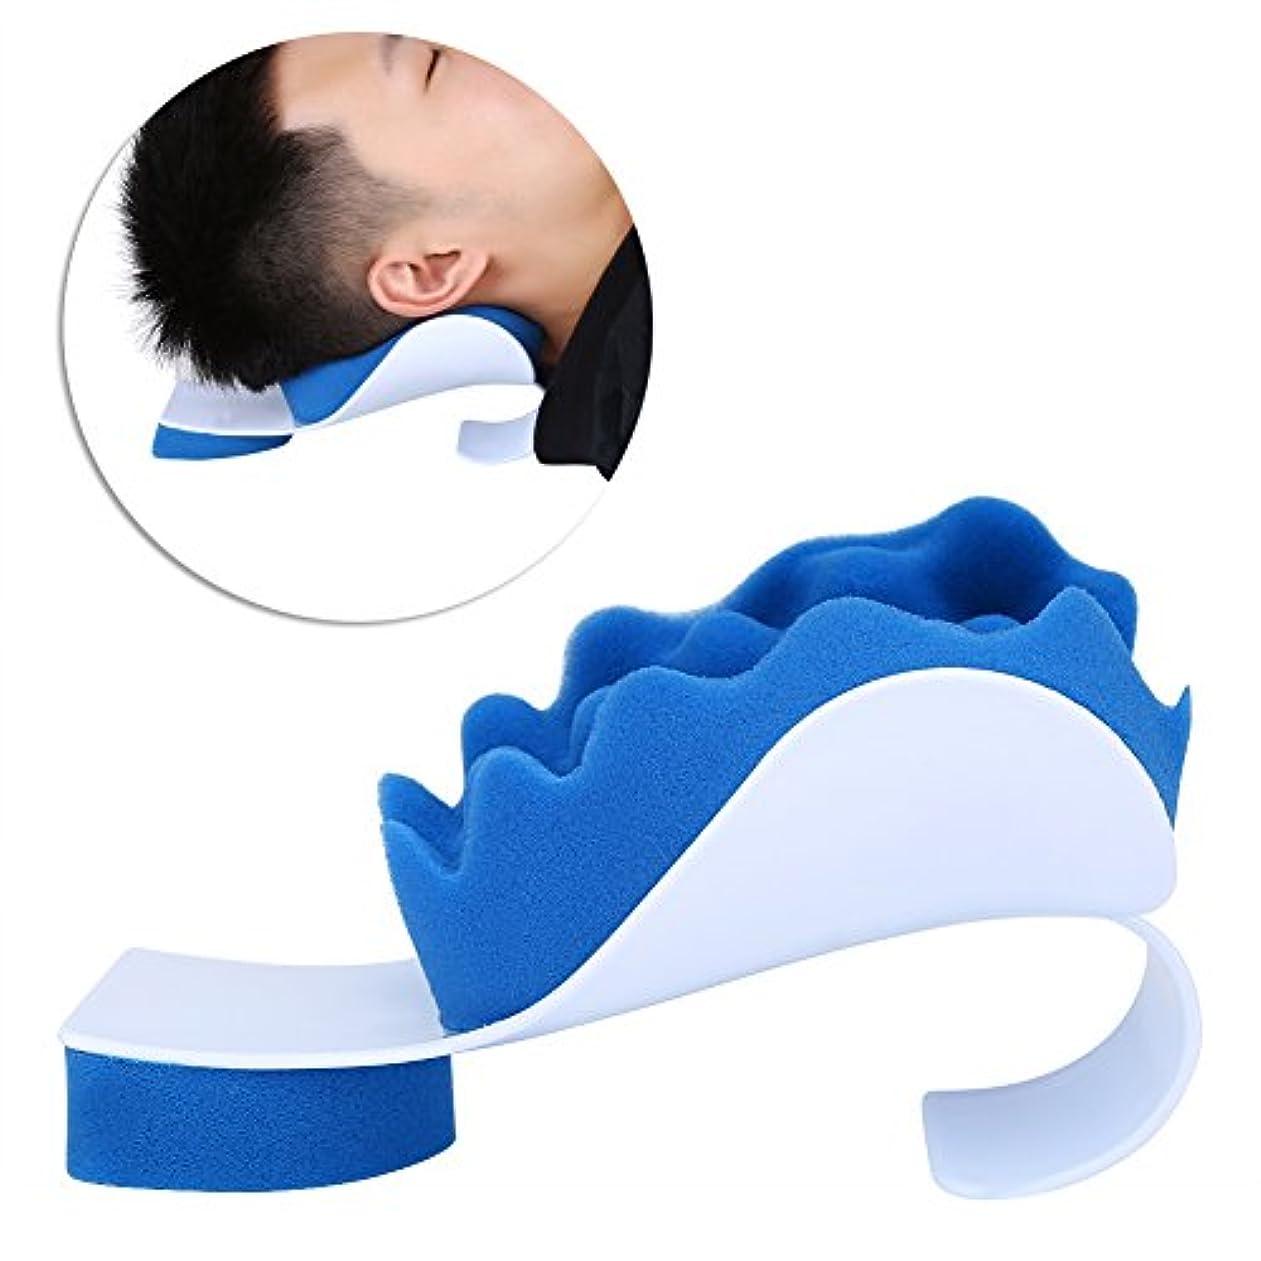 エゴイズムバタフライ作曲するマッサージ枕 首ストレッチャー ネック枕 ツボ押し リラックス ストレス解消 頚椎/首筋矯正 首筋押圧 肩こり 首こり 改善